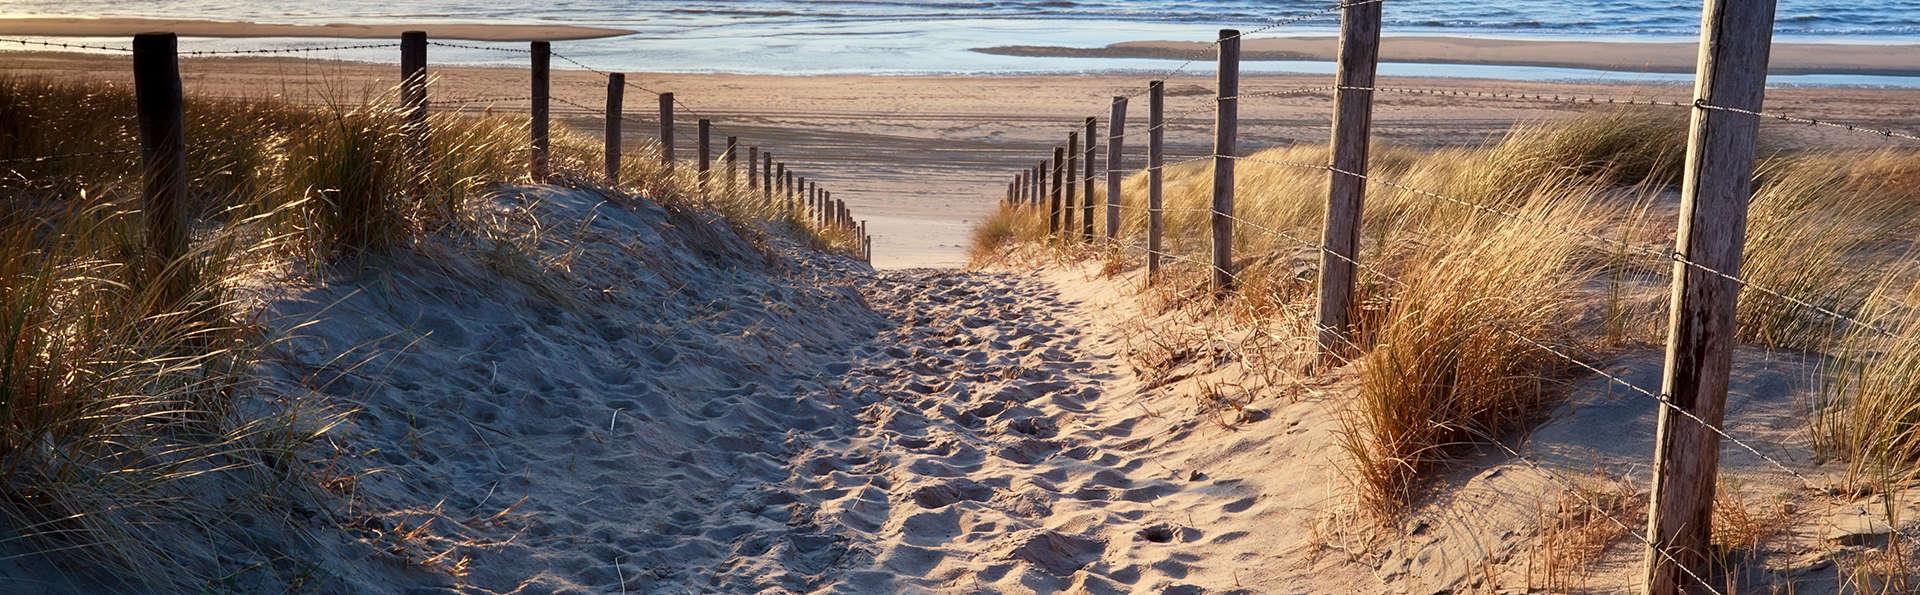 Ibis Styles Zeebrugge - edit_beach.jpg